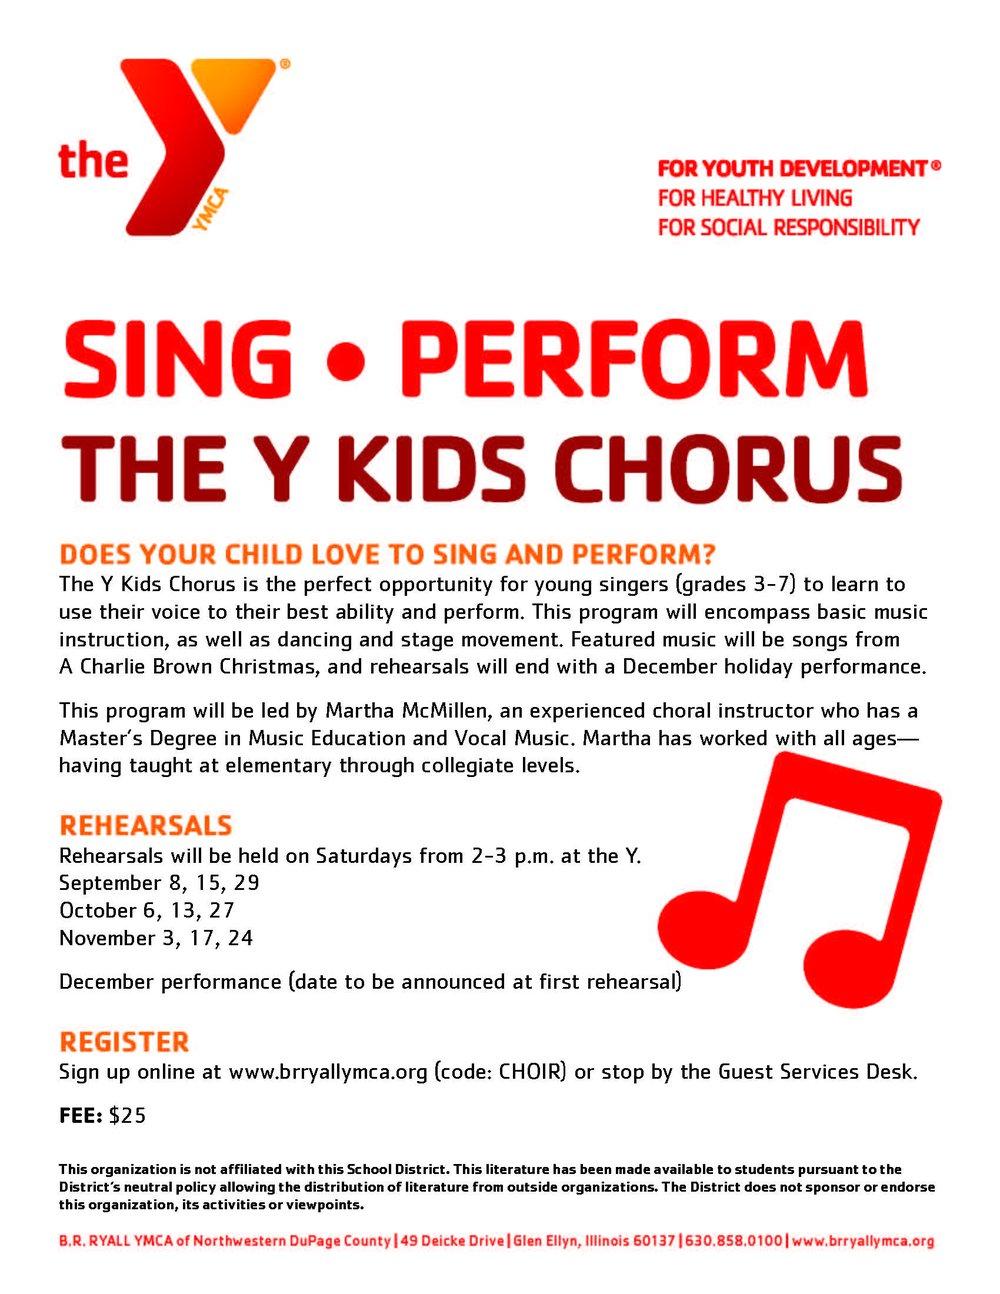 18 Y Kids Chorus_withdisclaimer (1).jpg